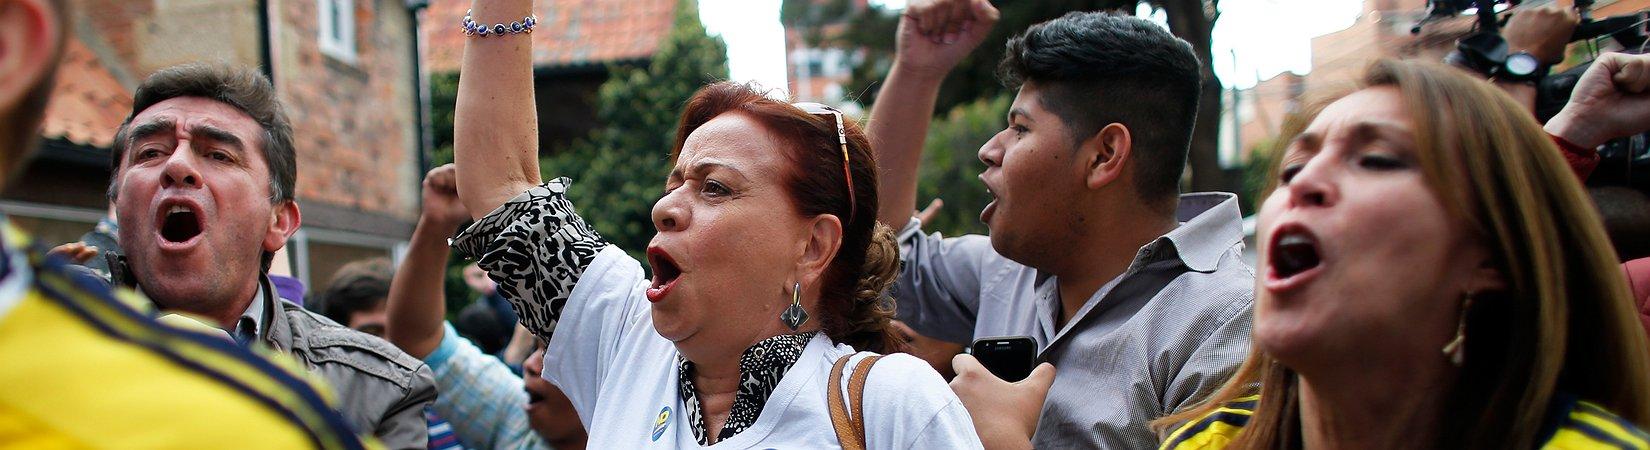 ¿Qué acaba de pasar en Colombia?